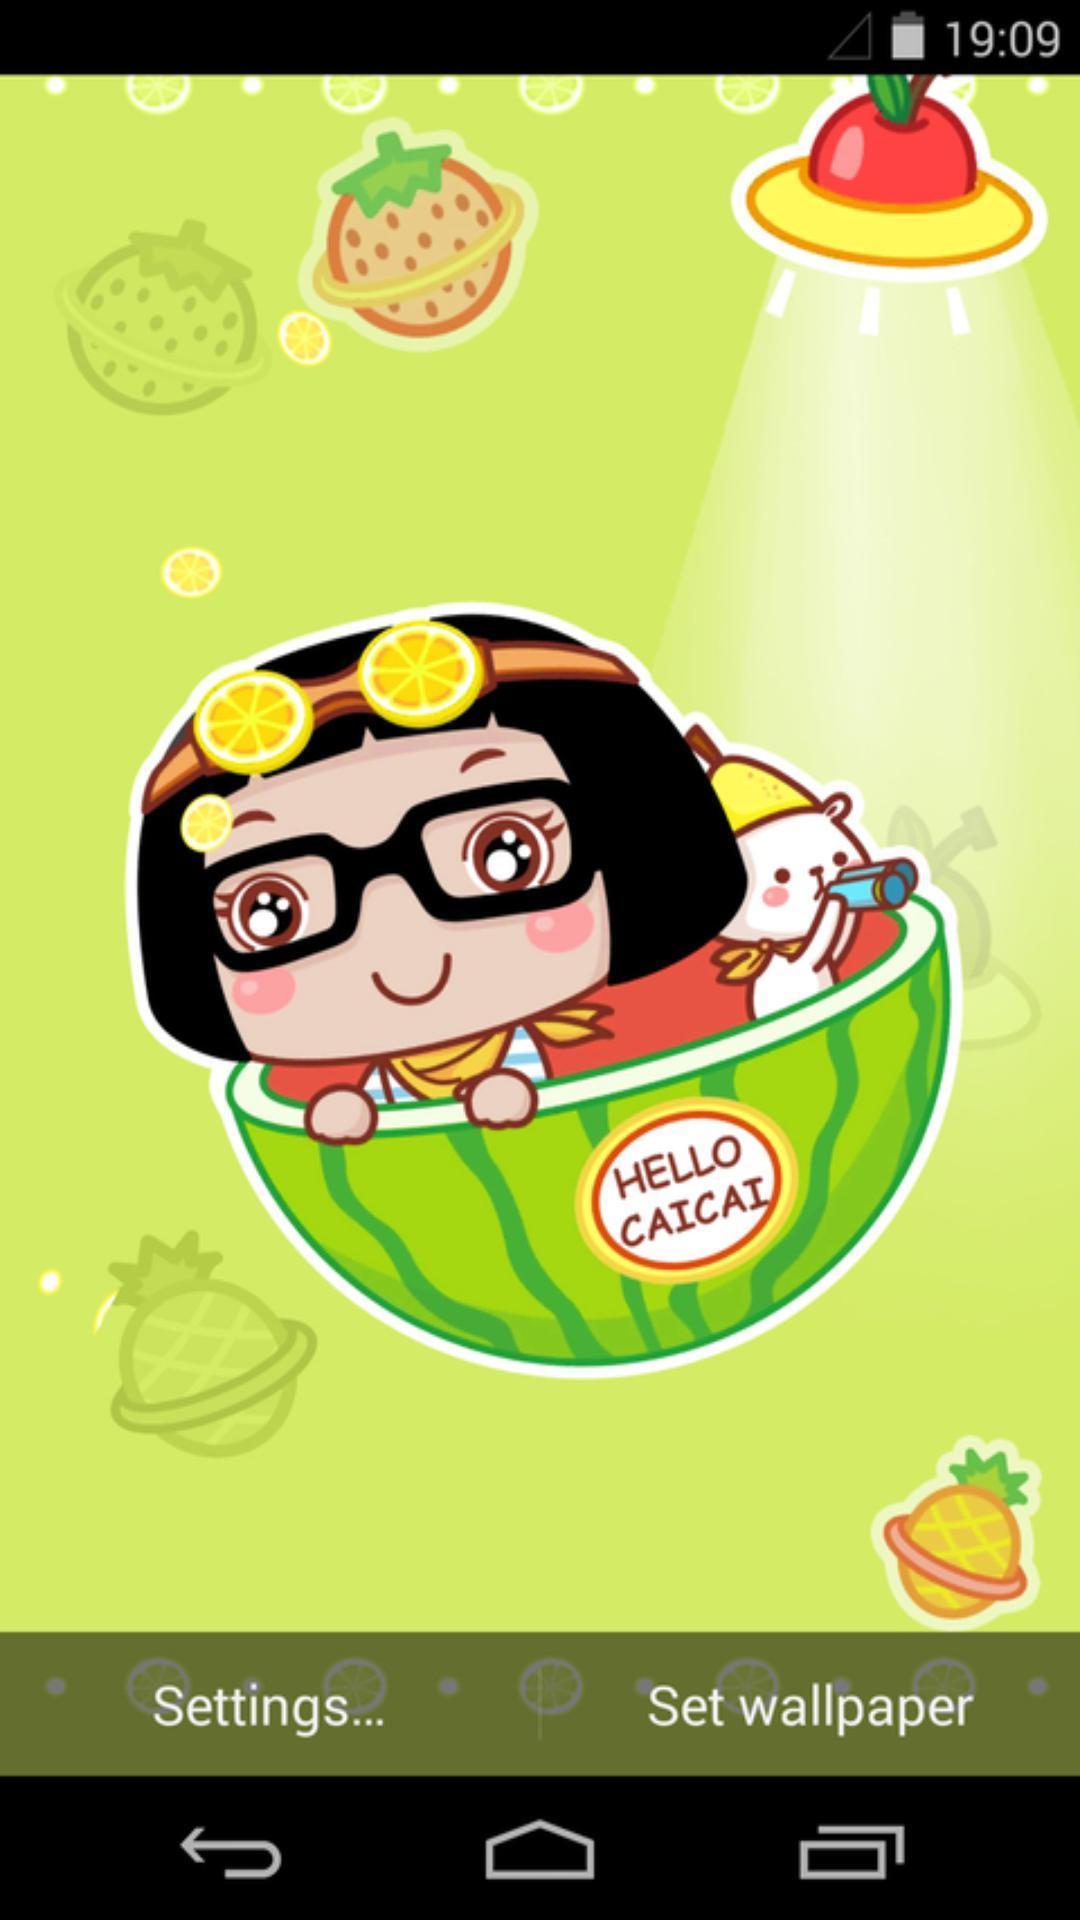 菜菜-西瓜篮-梦象动态壁纸